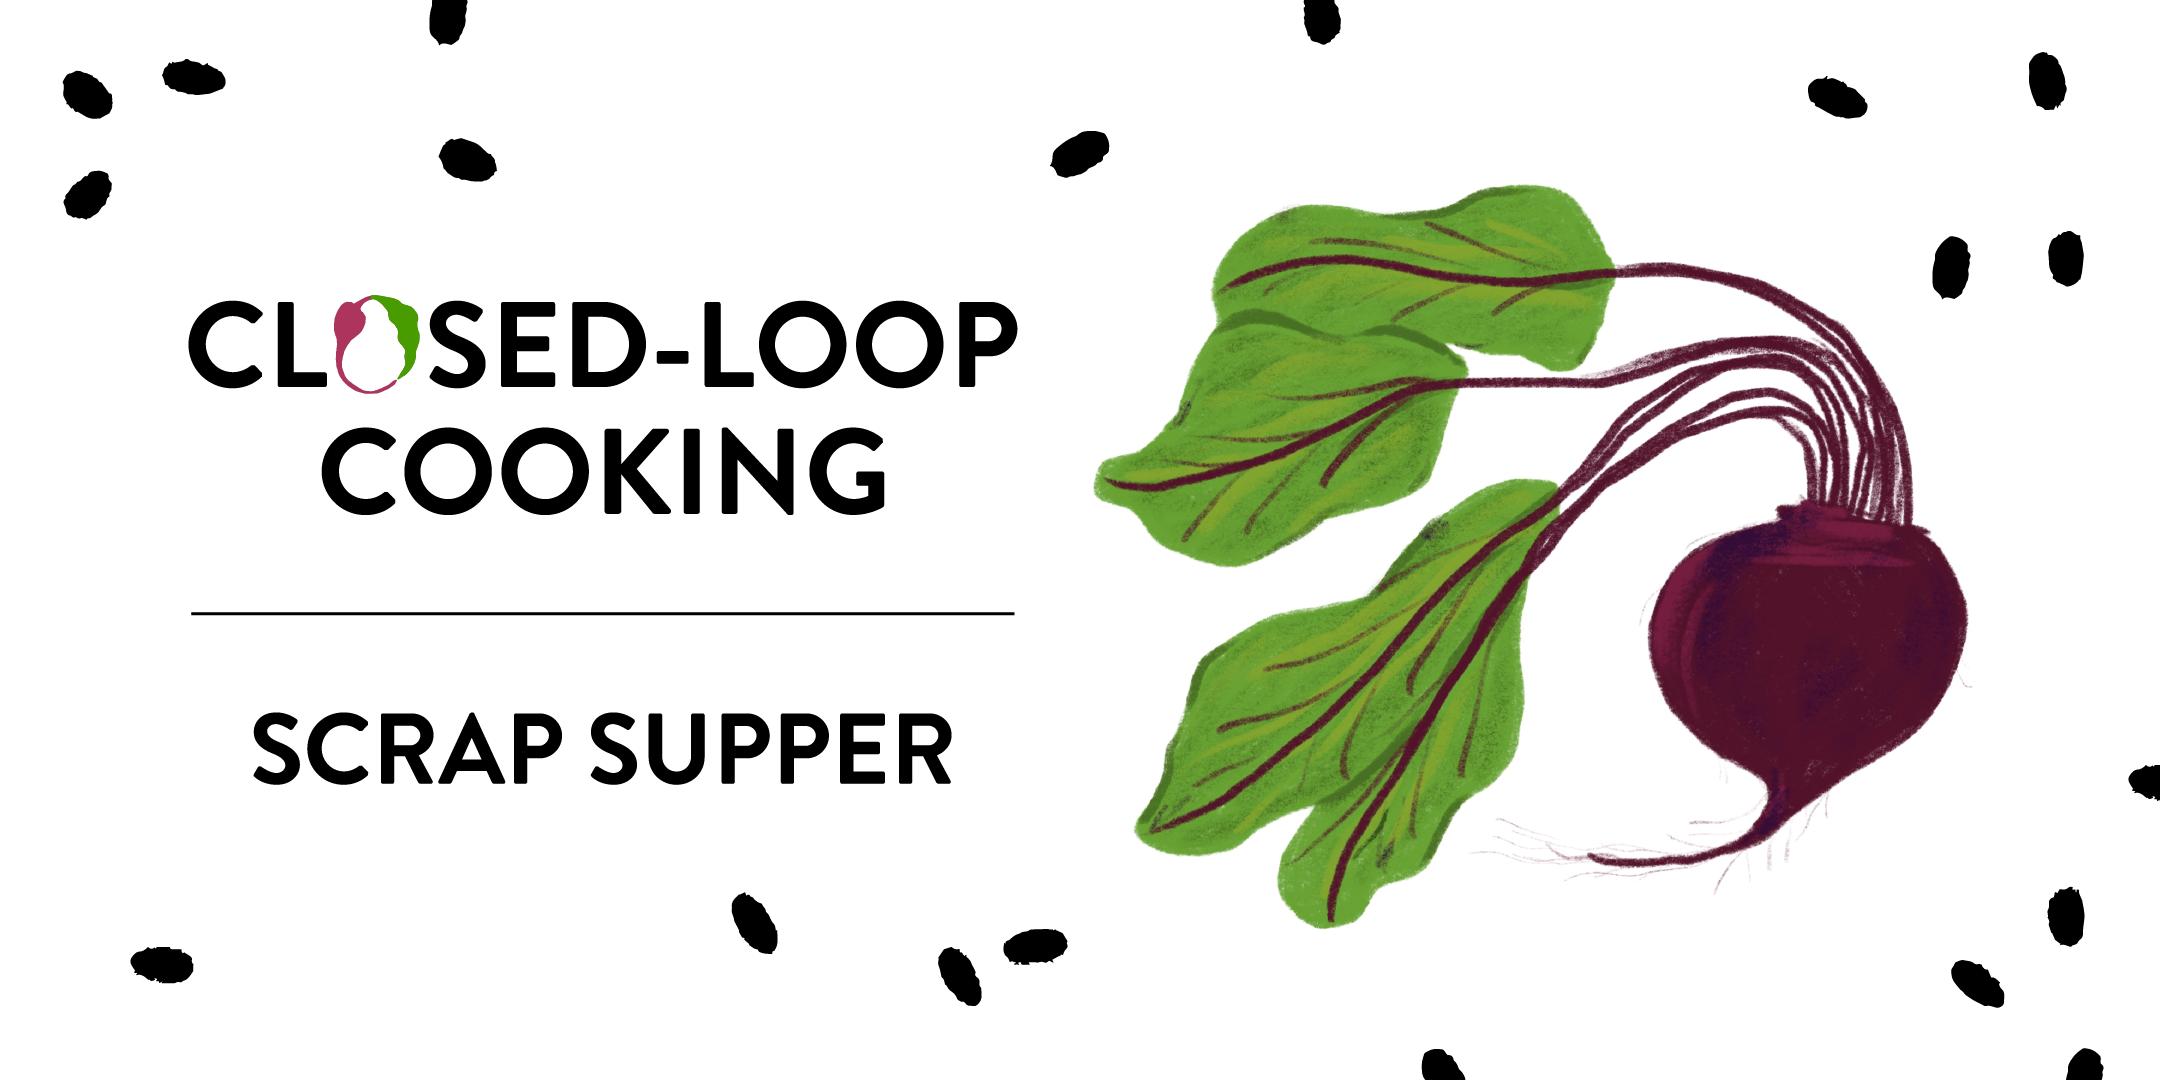 Closed Loop Cooking Scrap Supper invite design